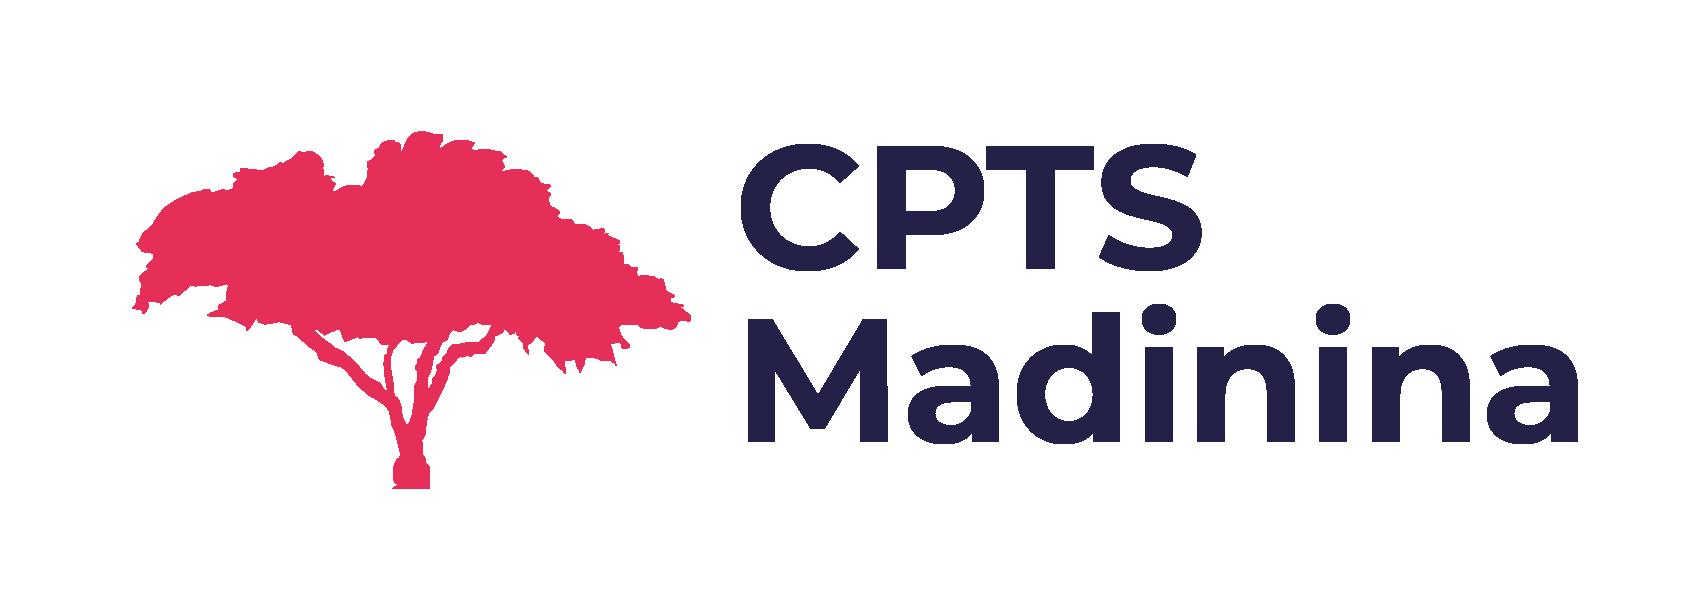 CPTS Madinina logotype